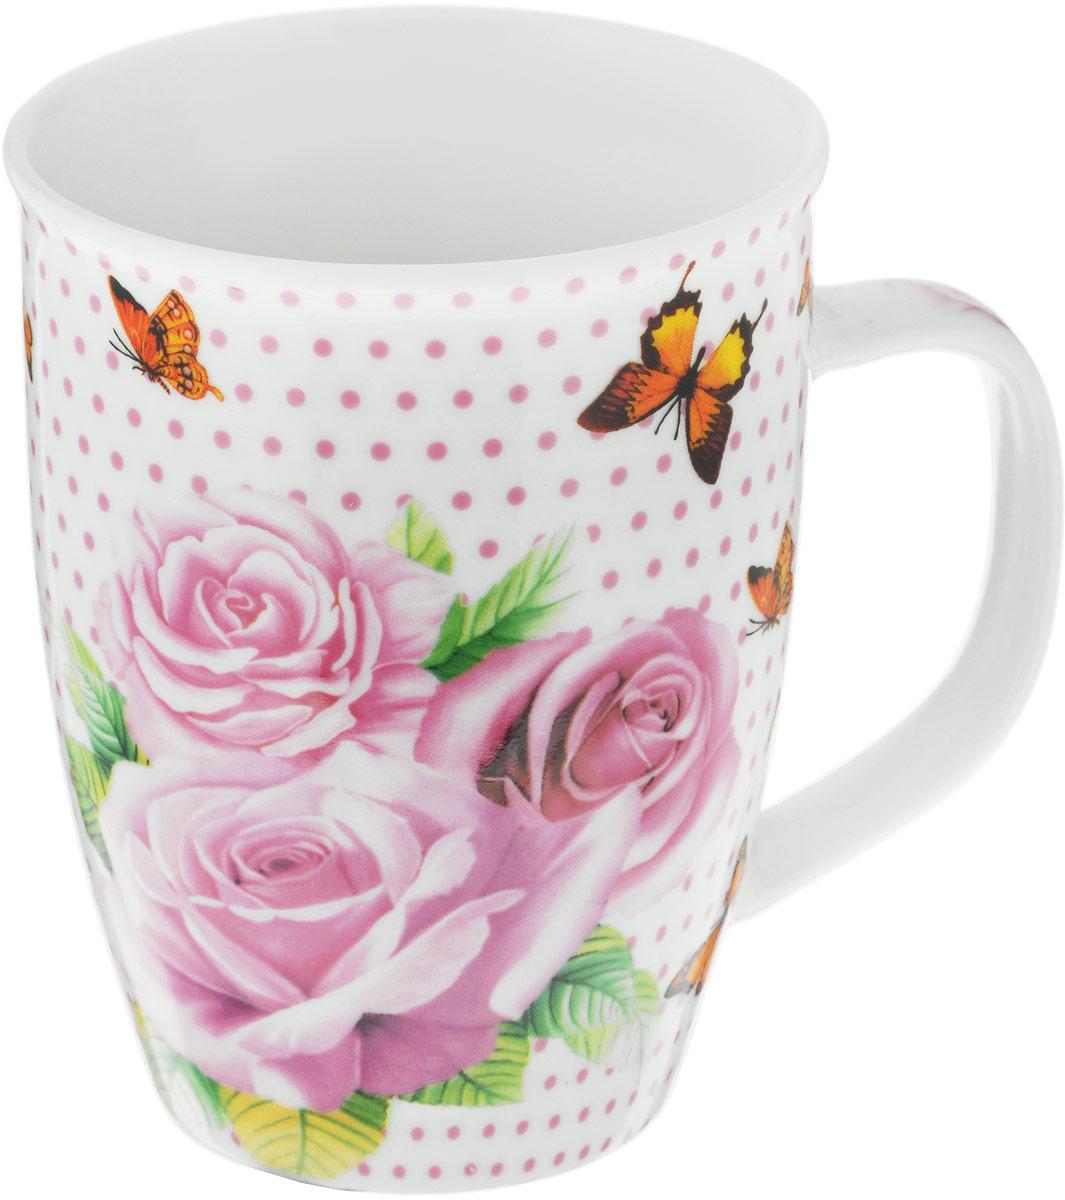 Кружка Loraine Розы и бабочки, 340 мл. 2596925969_розы и бабочкиКружка Loraine Розы с бабочками изготовлена из прочного качественного костяного фарфора. Изделиеоформлено красочным рисунком. Благодаря своим термостатическим свойствам, изделиеотлично сохраняет температуру содержимого - морозной зимой кружка будет согревать васгорячим чаем, а знойным летом, напротив, радовать прохладными напитками.Такой аксессуар создаст атмосферу тепла и уюта, настроит на позитивный лад и подаритхорошее настроение с самого утра. Это оригинальное изделие идеально подойдет в подарокблизкому человеку.Диаметр (по верхнему краю): 8,5 см. Высота кружки: 10,5 см.